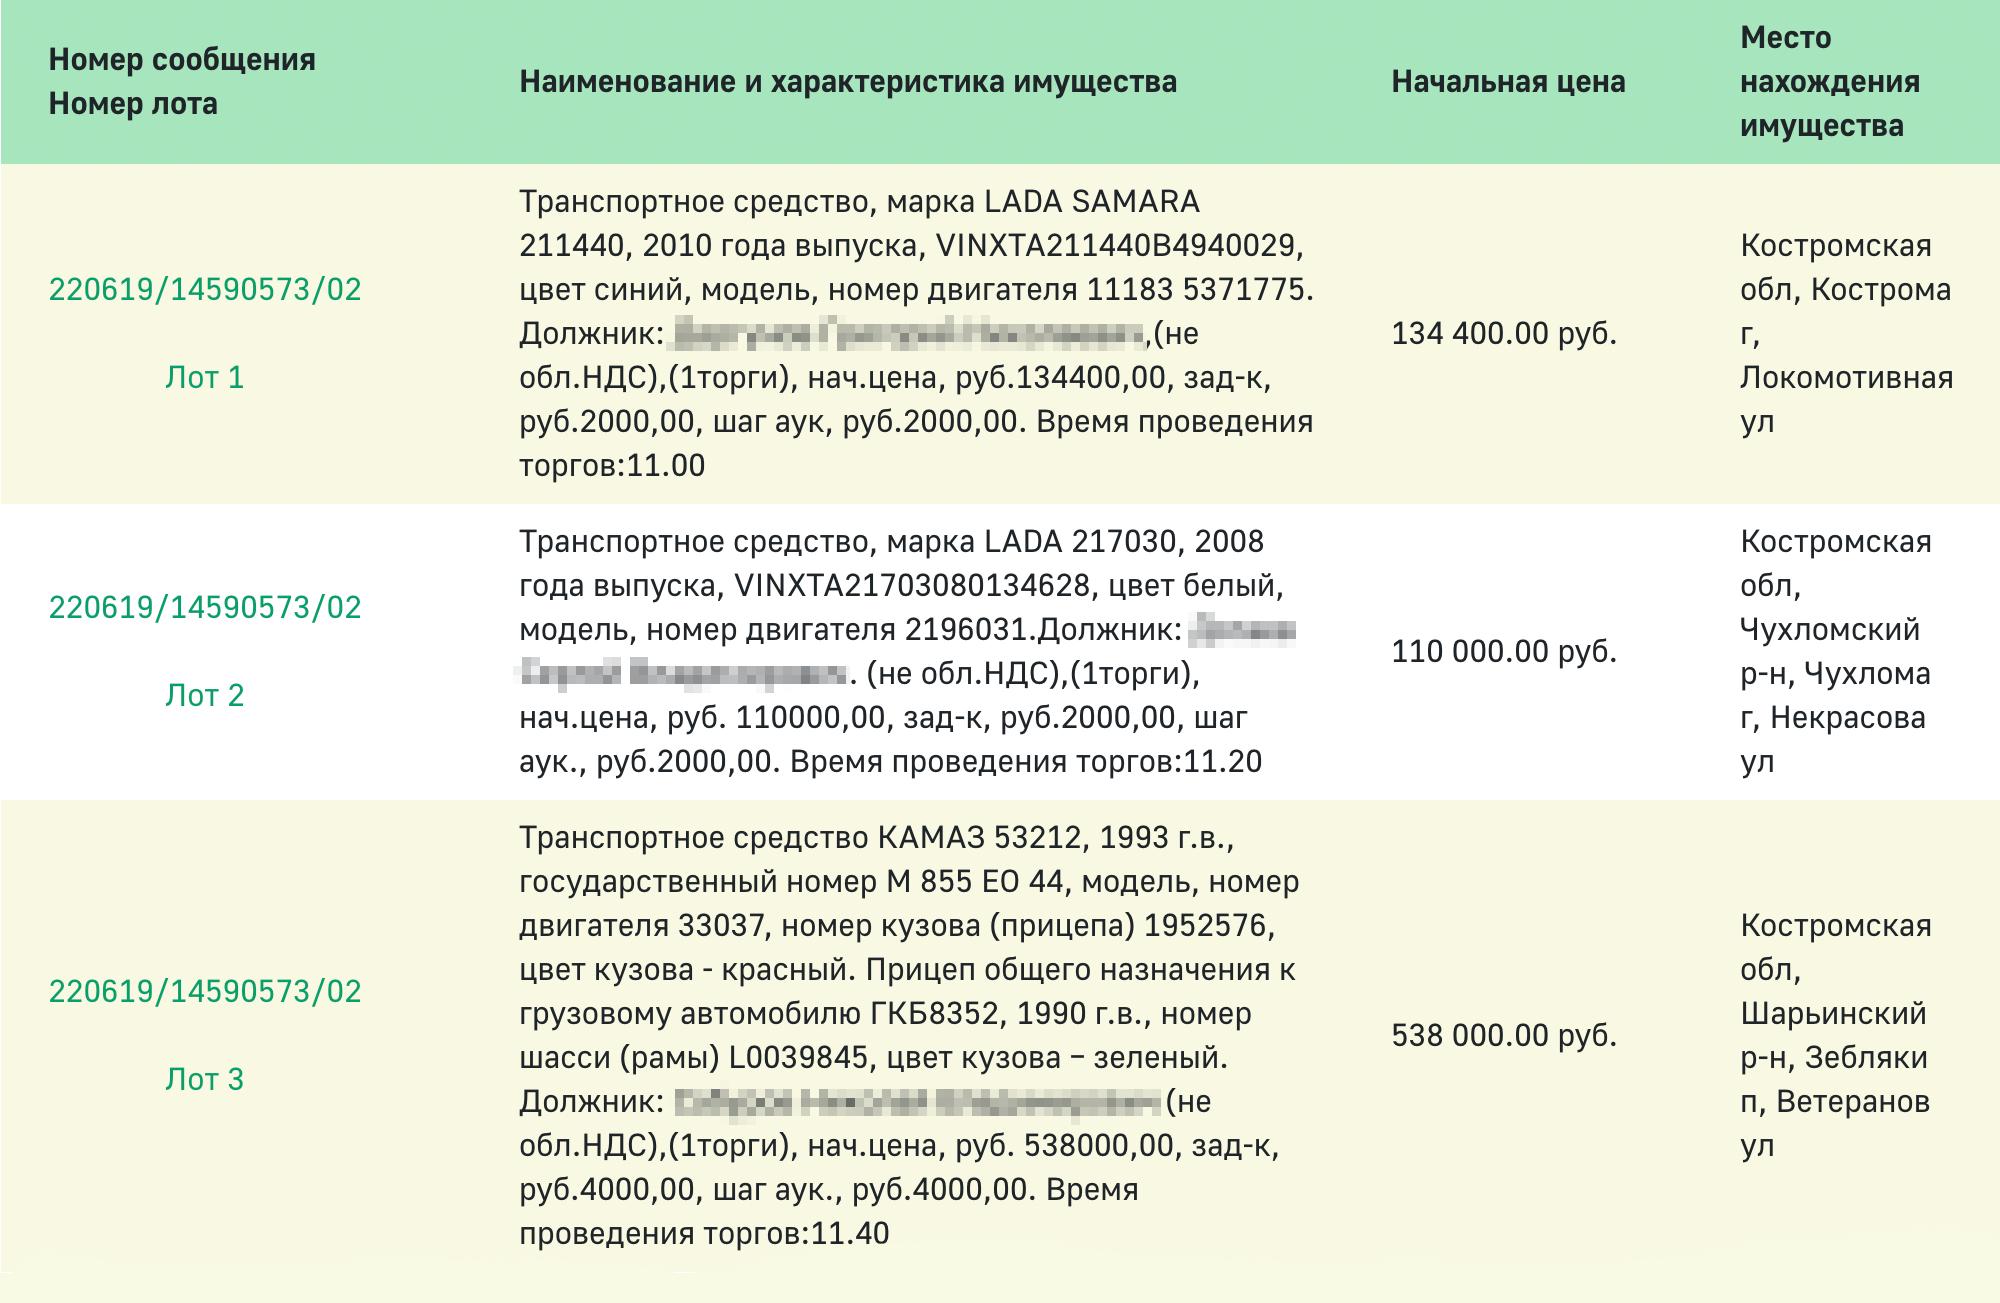 Сайт ФССП: на торгах в Костроме будут продавать машины должников